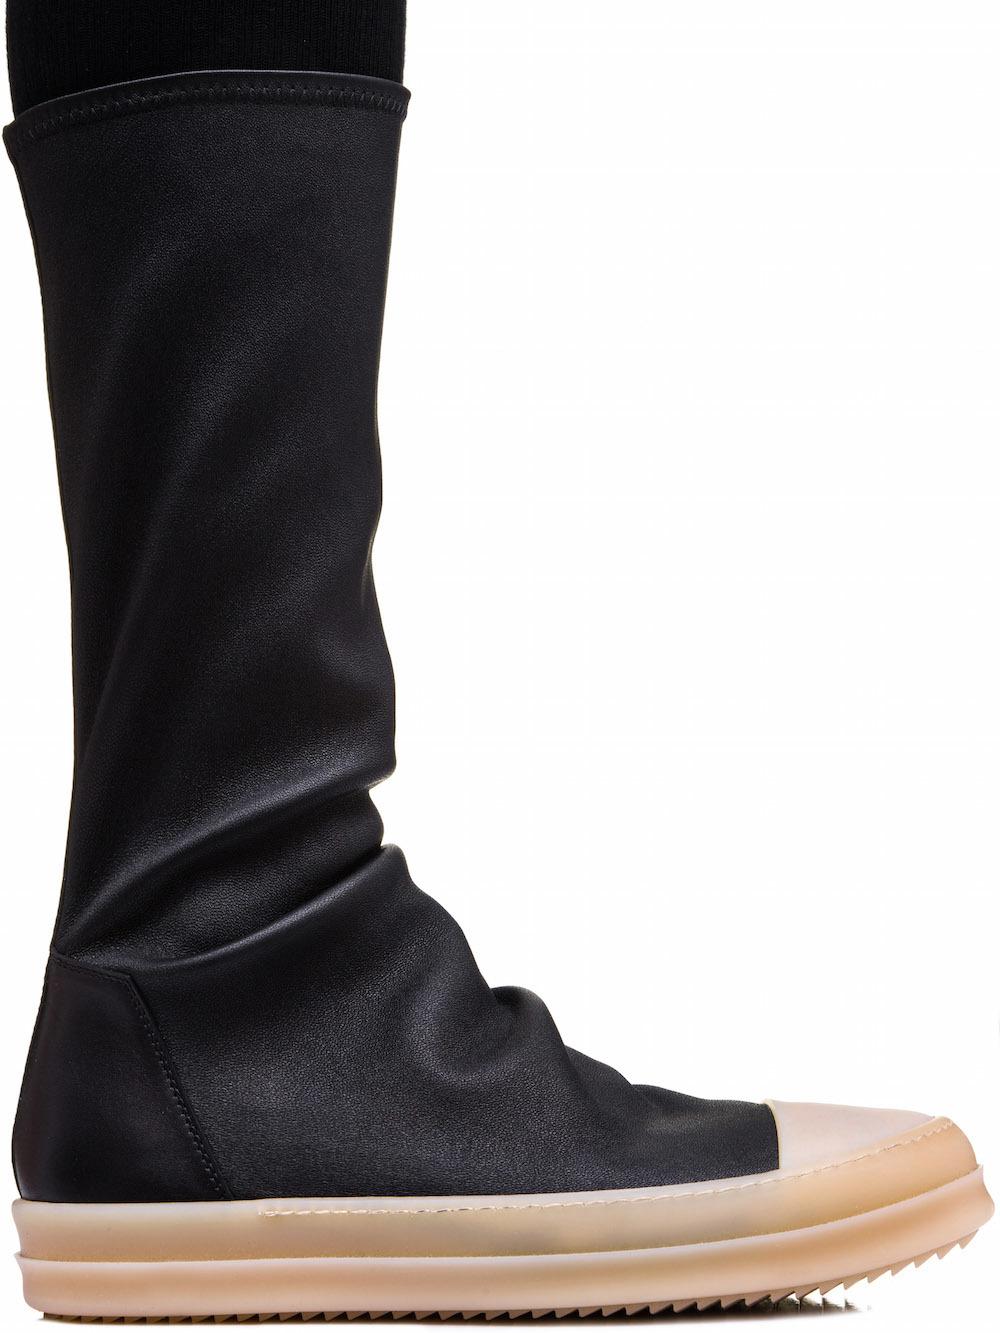 Rick Owens Sock sneaker boots Q2siM5FsOX